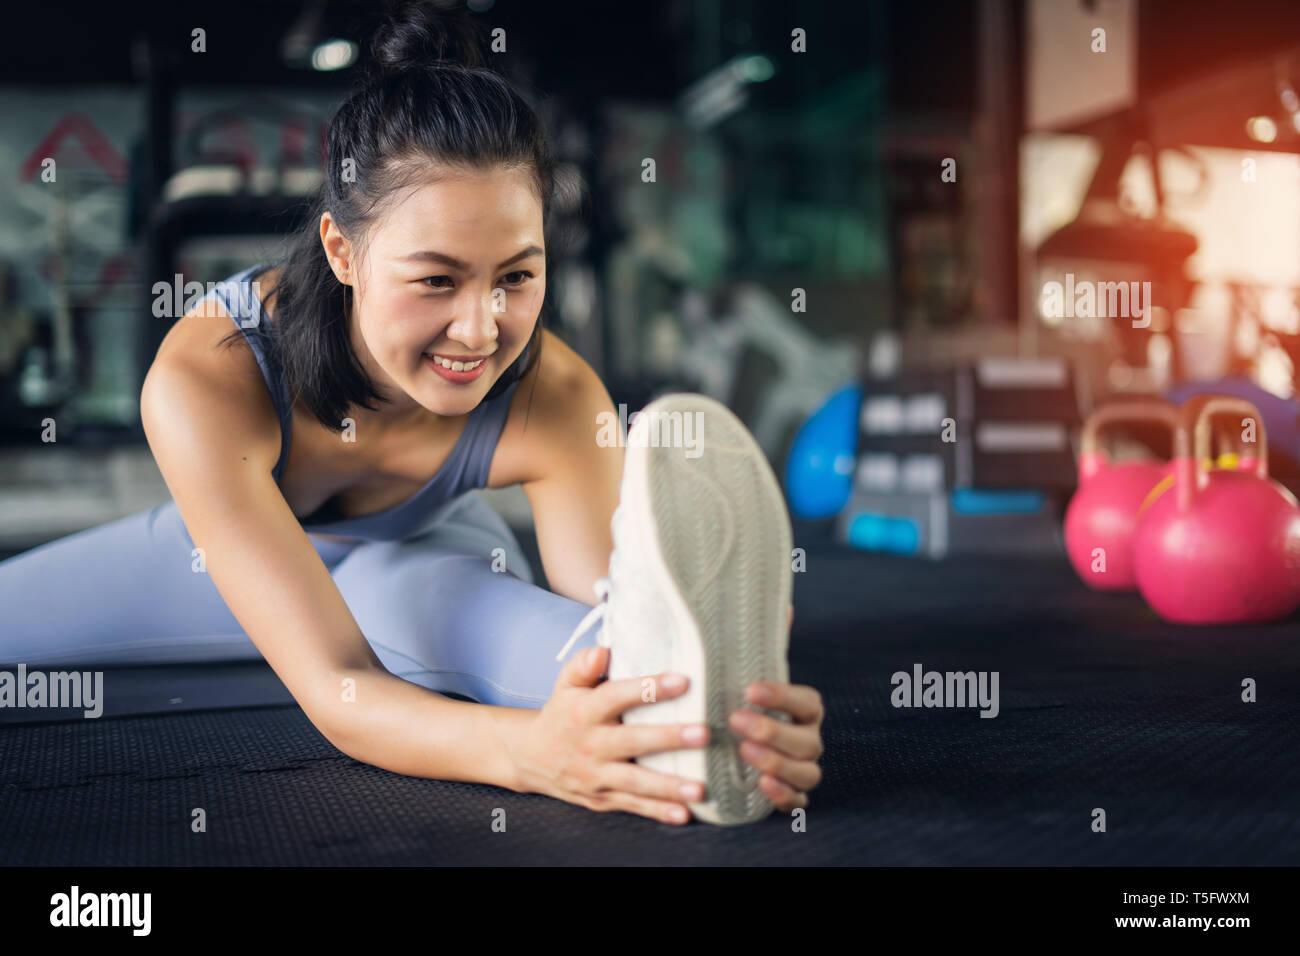 Young Asian Woman in healthy lifestyle assis sur un tapis de yoga étirement pied holding jambe. l'exercice et de remise en forme santé concept dans une salle de sport. Banque D'Images